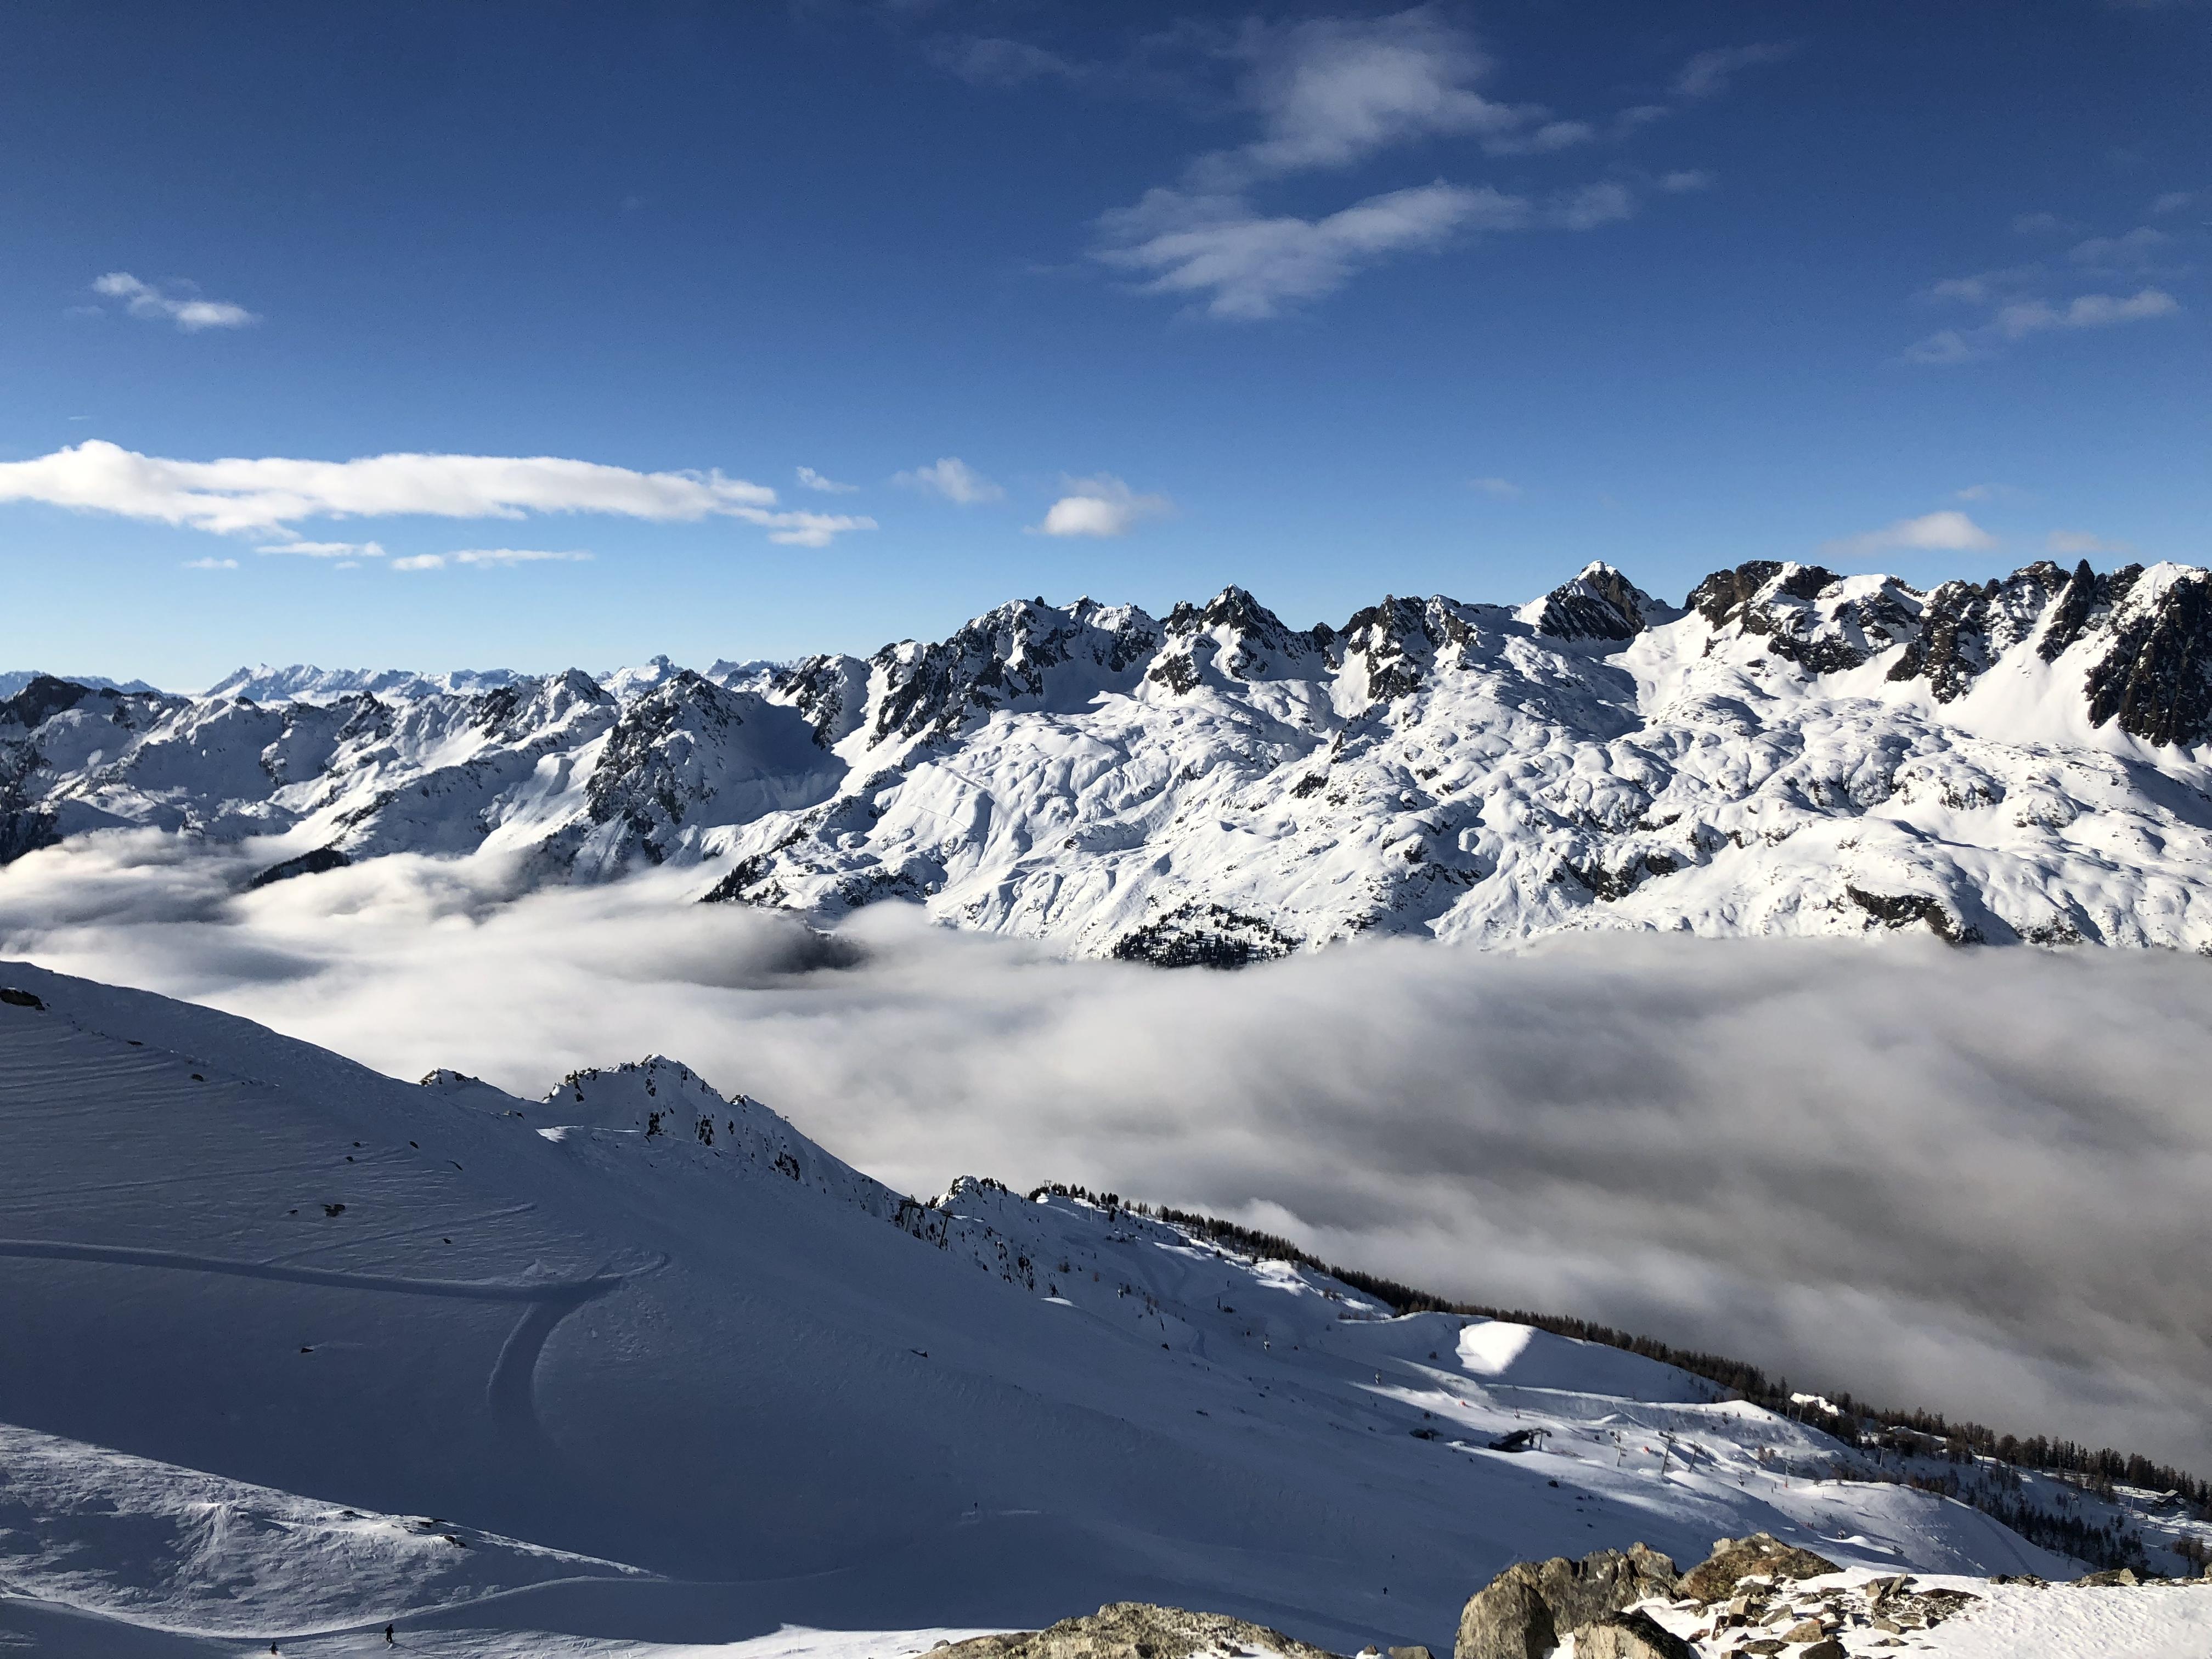 冬休みPart 2:フランスChamonixでスキー